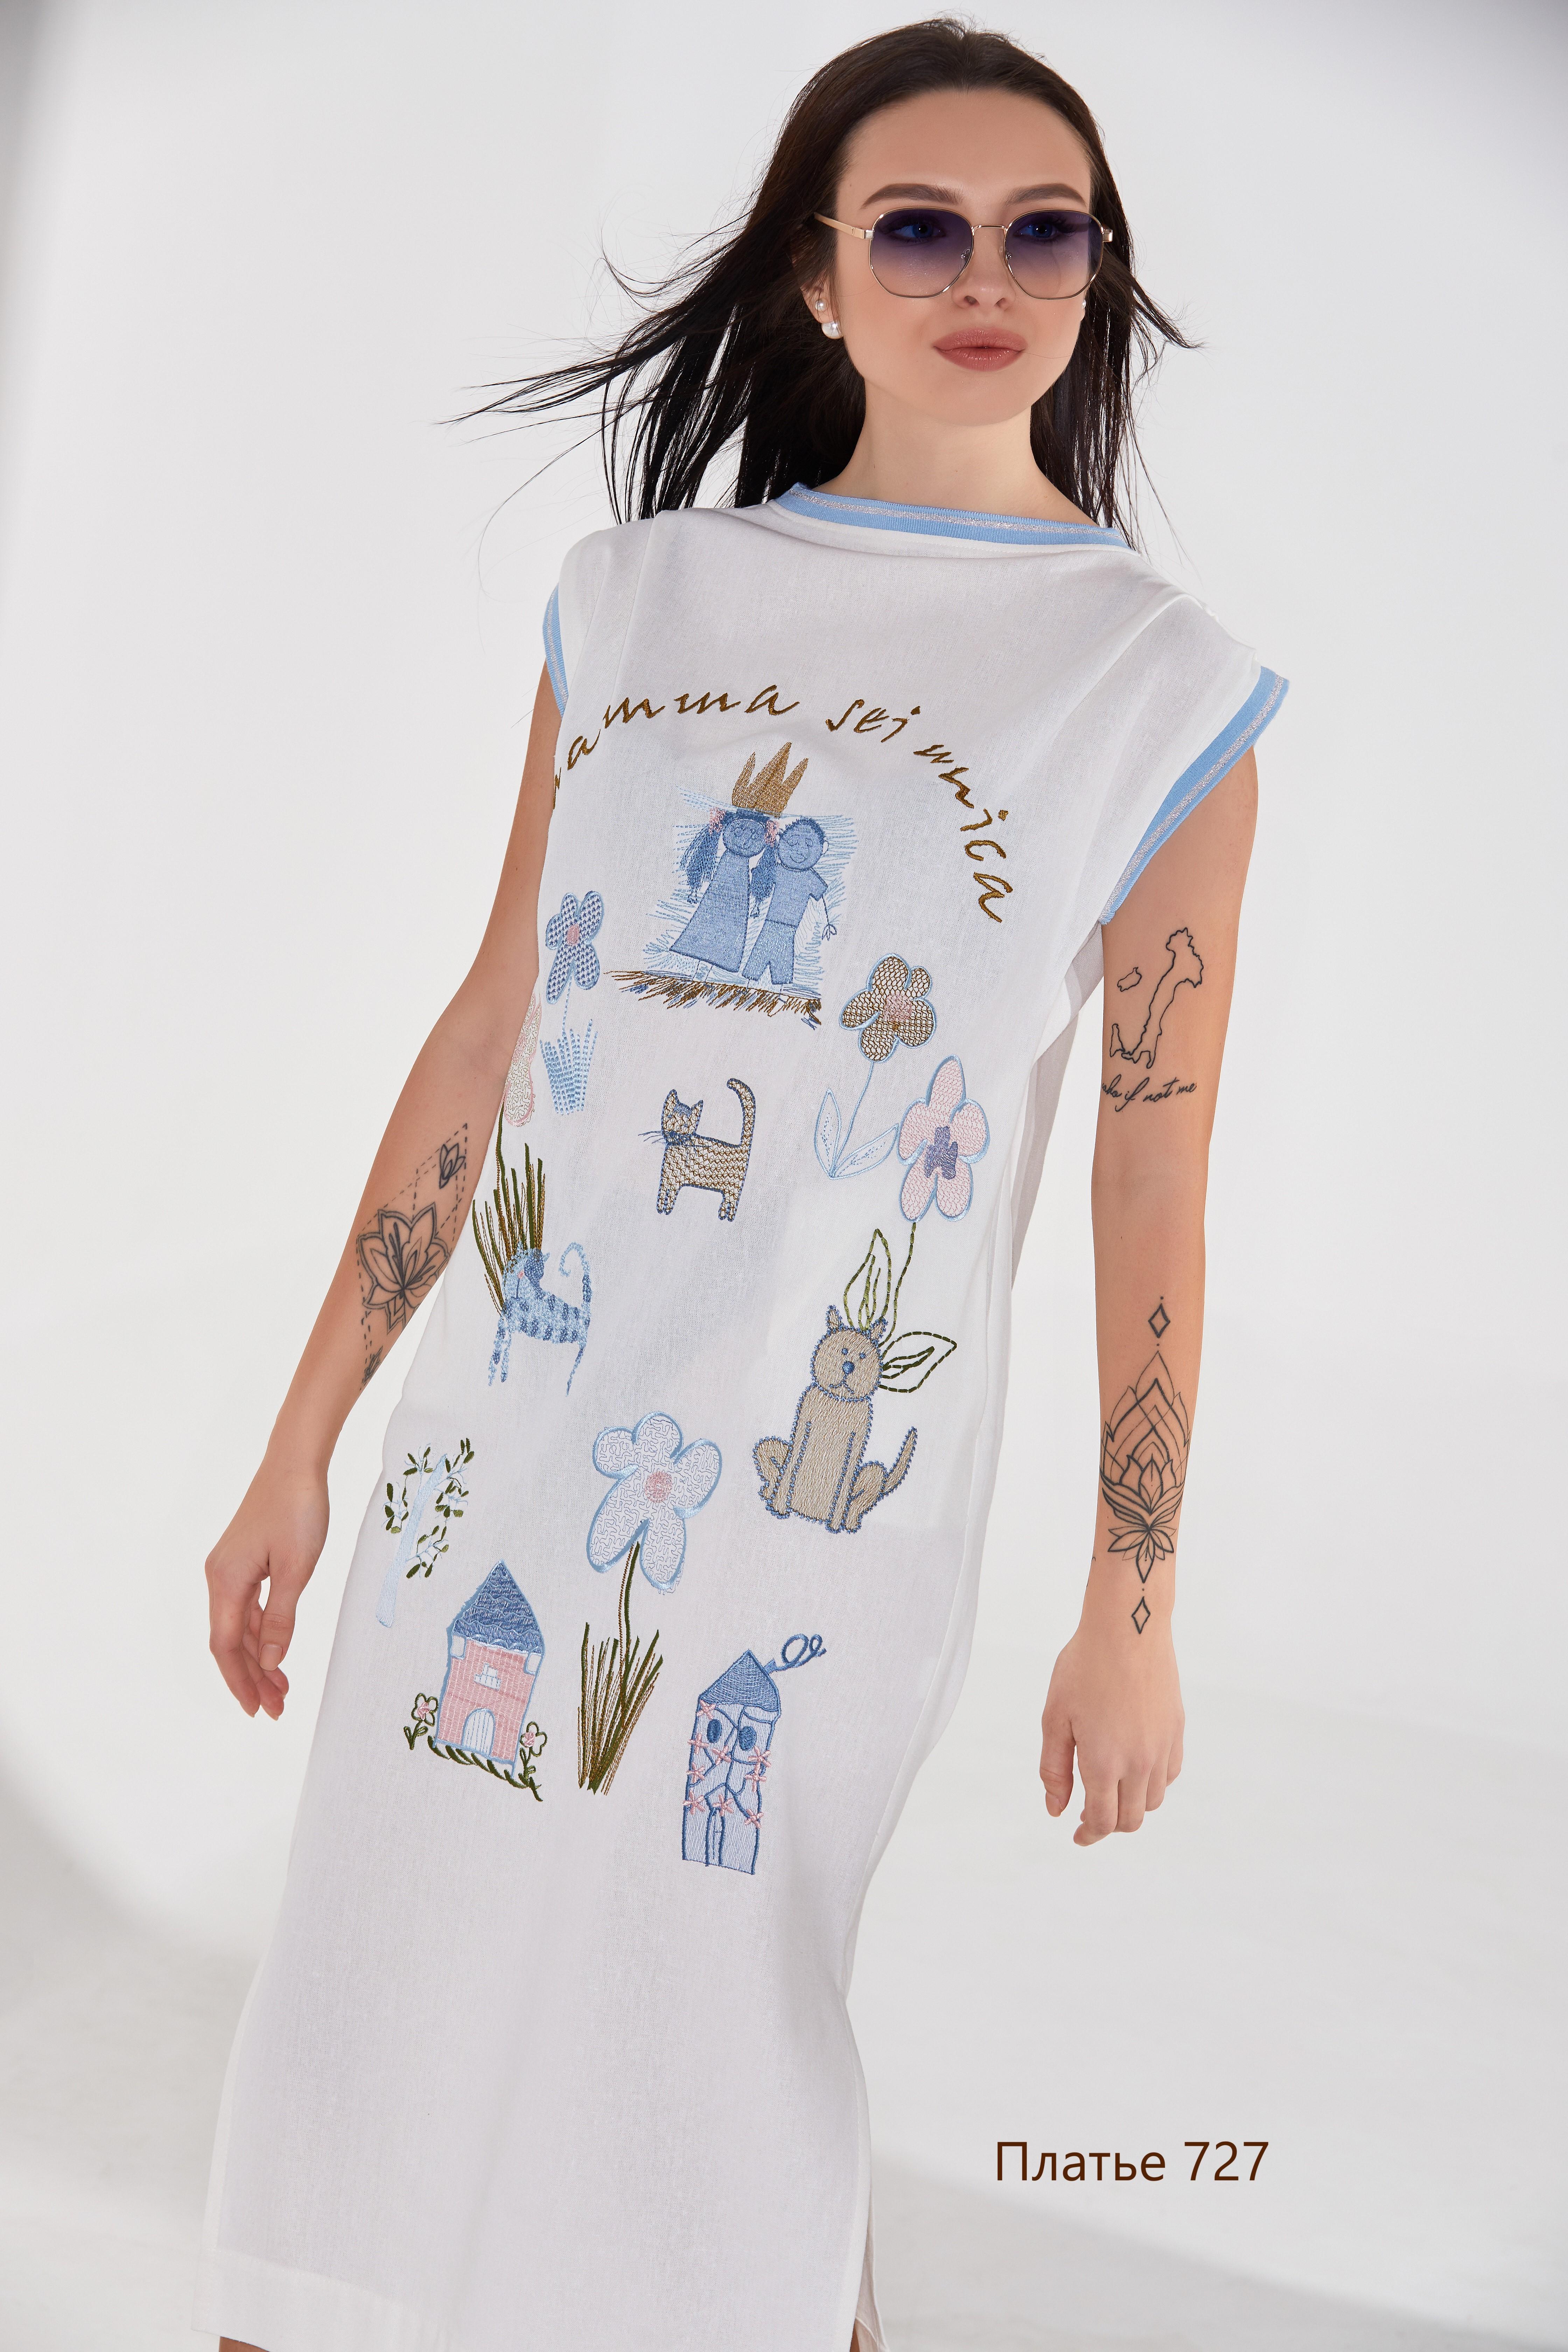 Платье 727 (1)